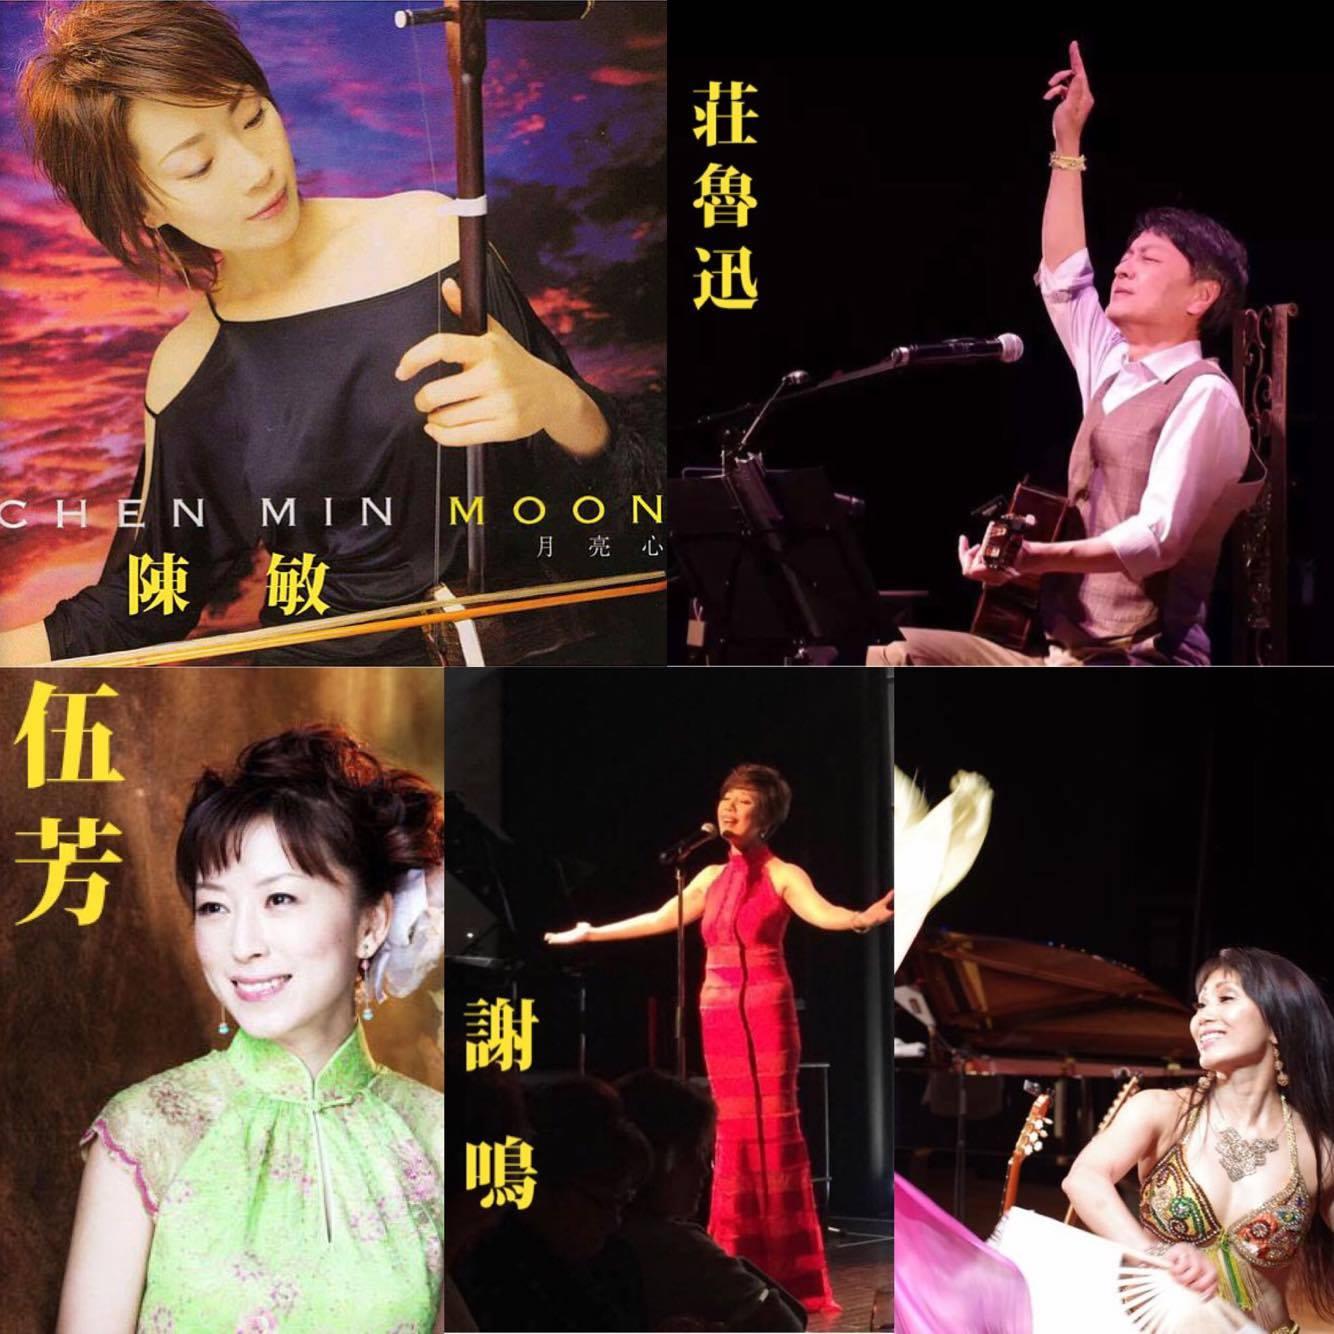 5/13@ 上海同協会 主催 熊本地震復興支援コンサート